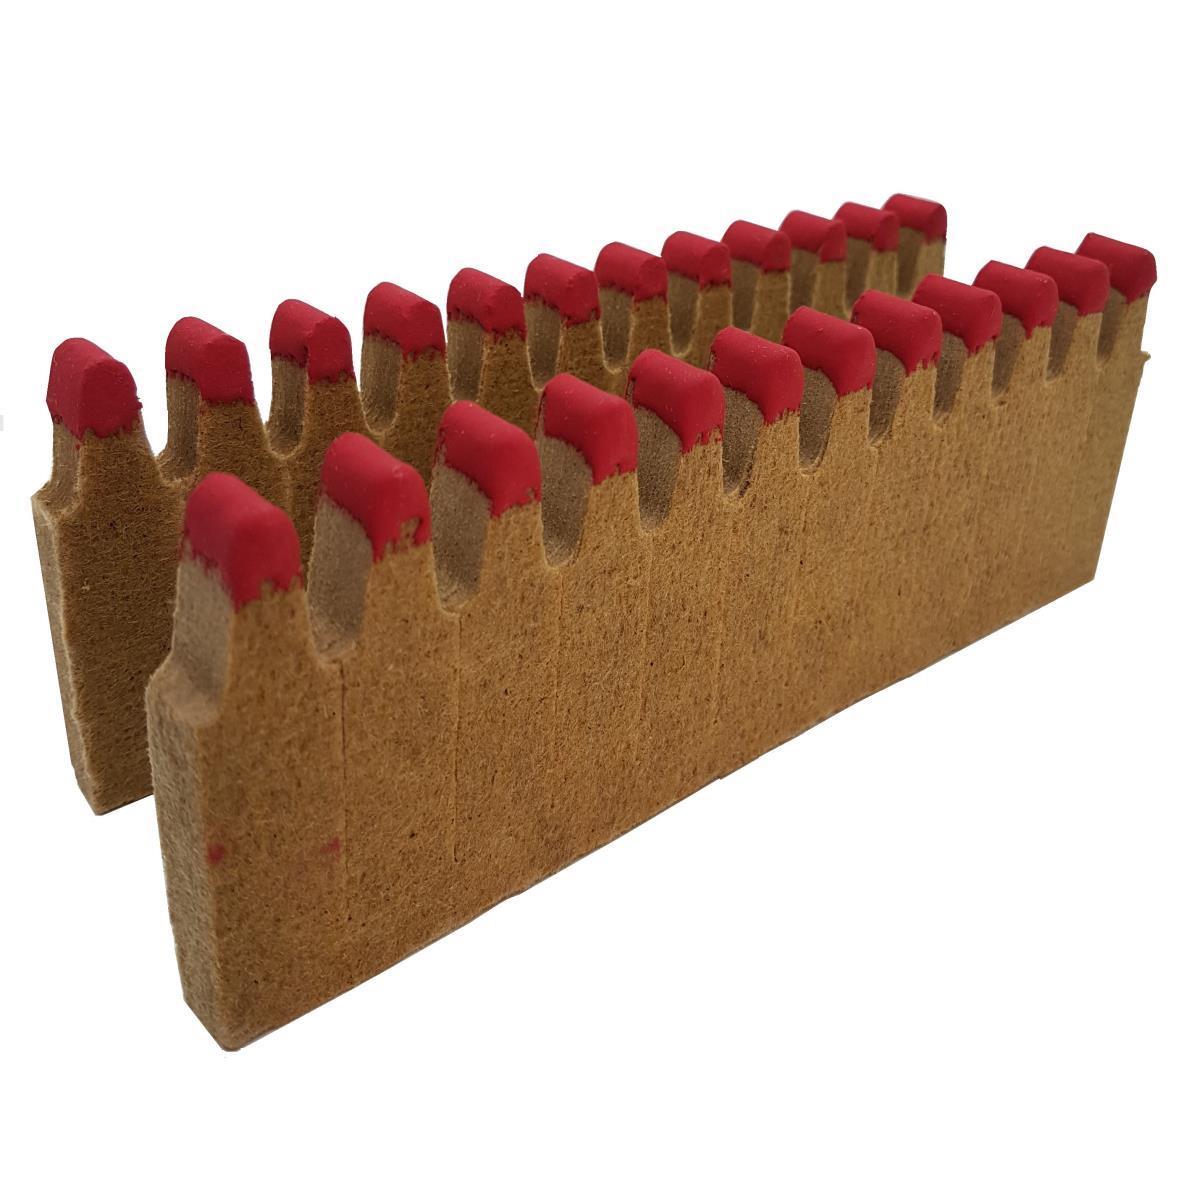 240 x Ofenanzünder Kaminanzünder Kohleanzünder Holzanzünder Grillanzünder ,K M,0000276, 0758198328986